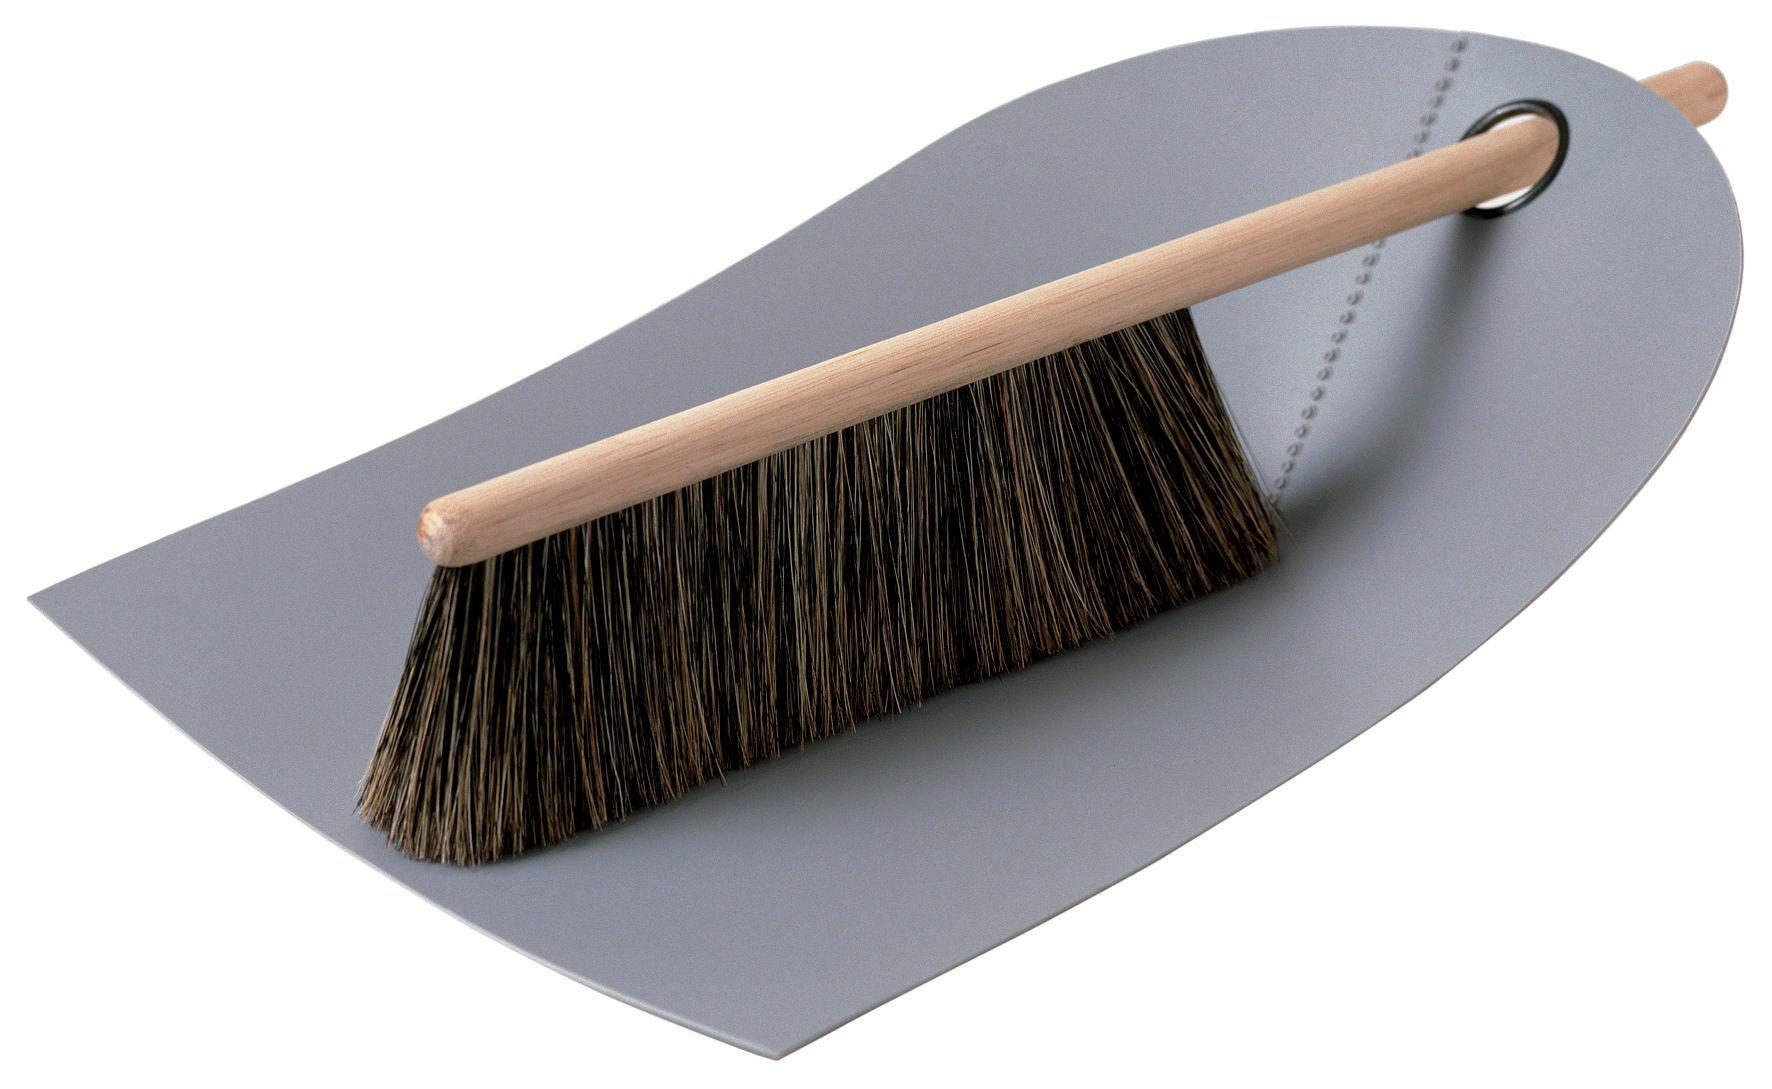 Küche - Spülen und putzen - Dustpan & broom Set Handfeger und Fegeblech Set mit Handfeger und Schaufel - Normann Copenhagen - Hellgrau - Buchenfurnier, Polypropylen